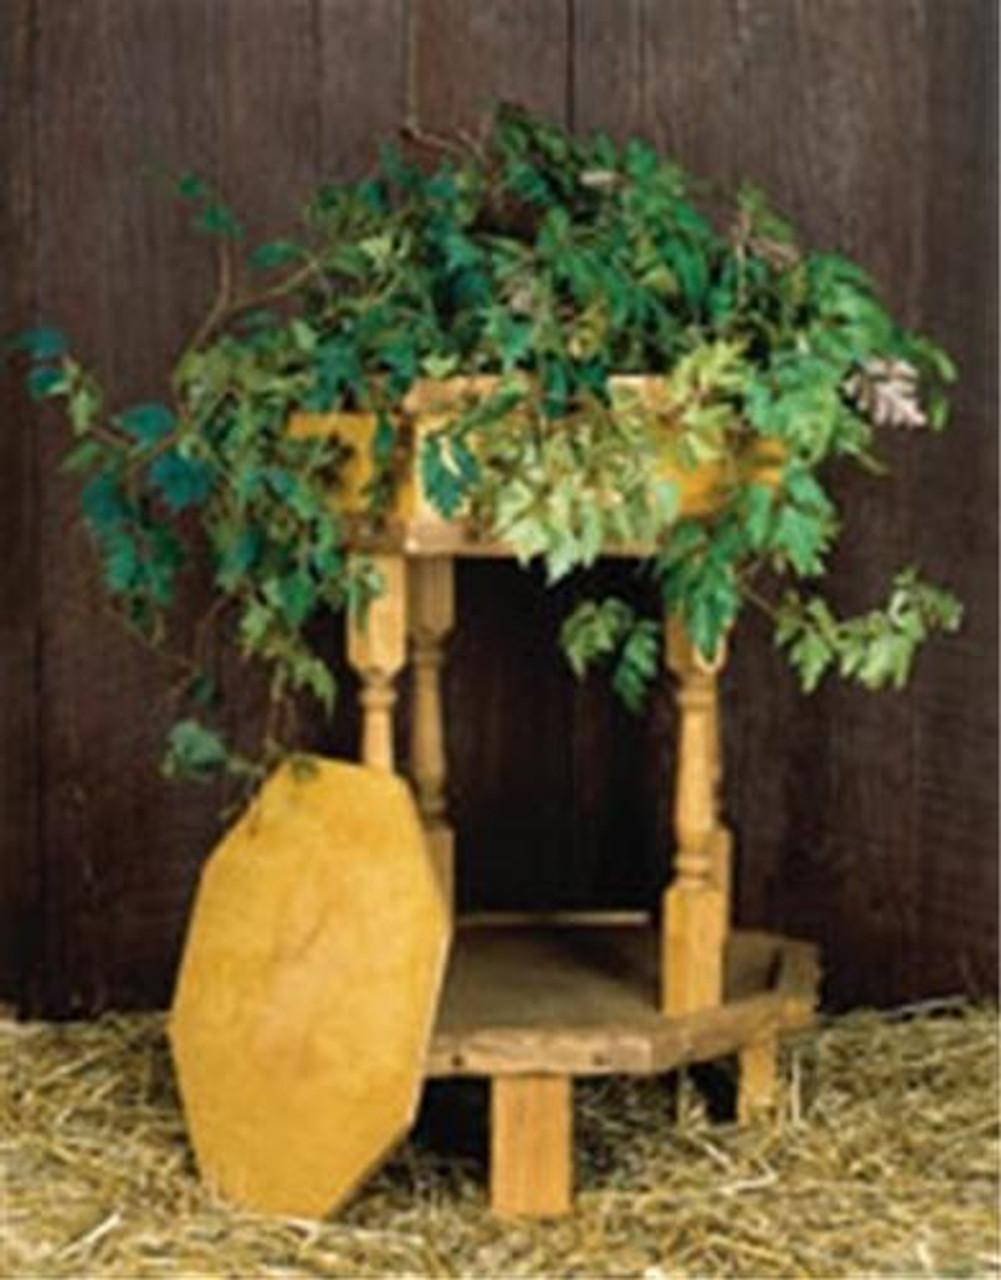 Cherry Tree Toys Octagon Planter Plan